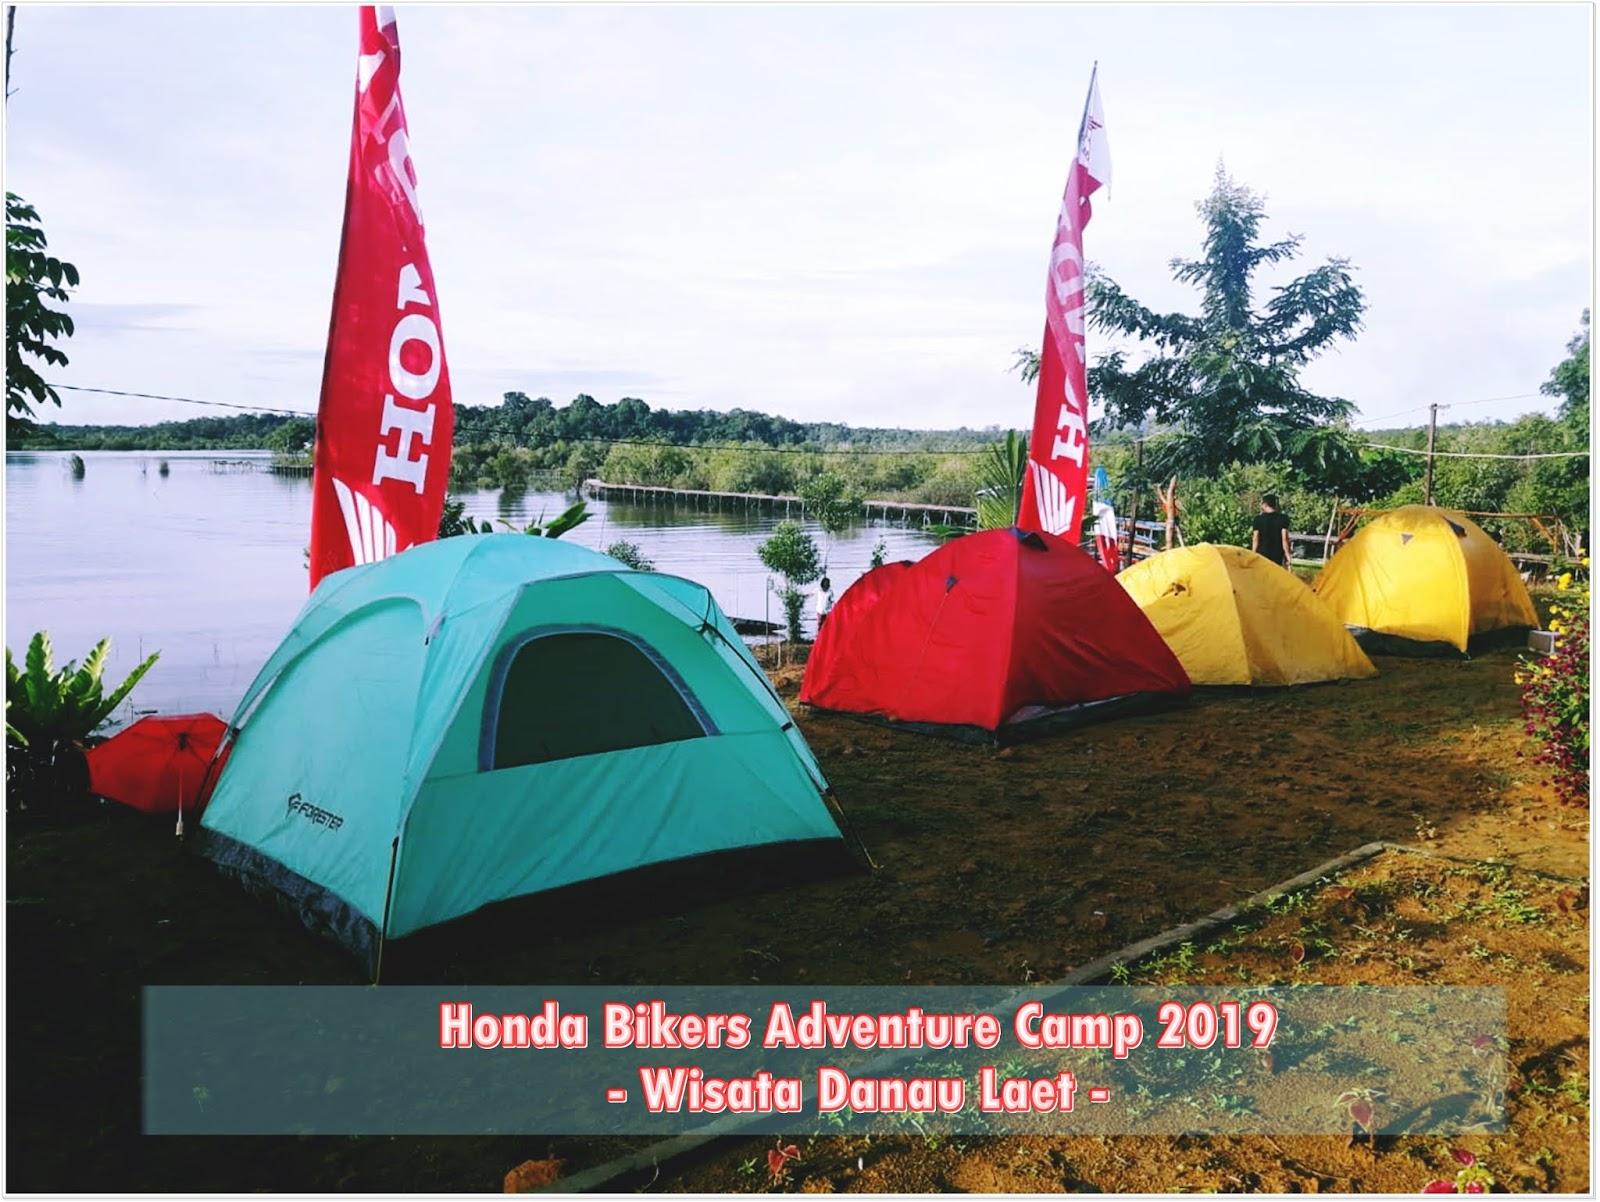 Honda Bikers Adventure Camp Jejaki Kawasan Wisata Danau Laet